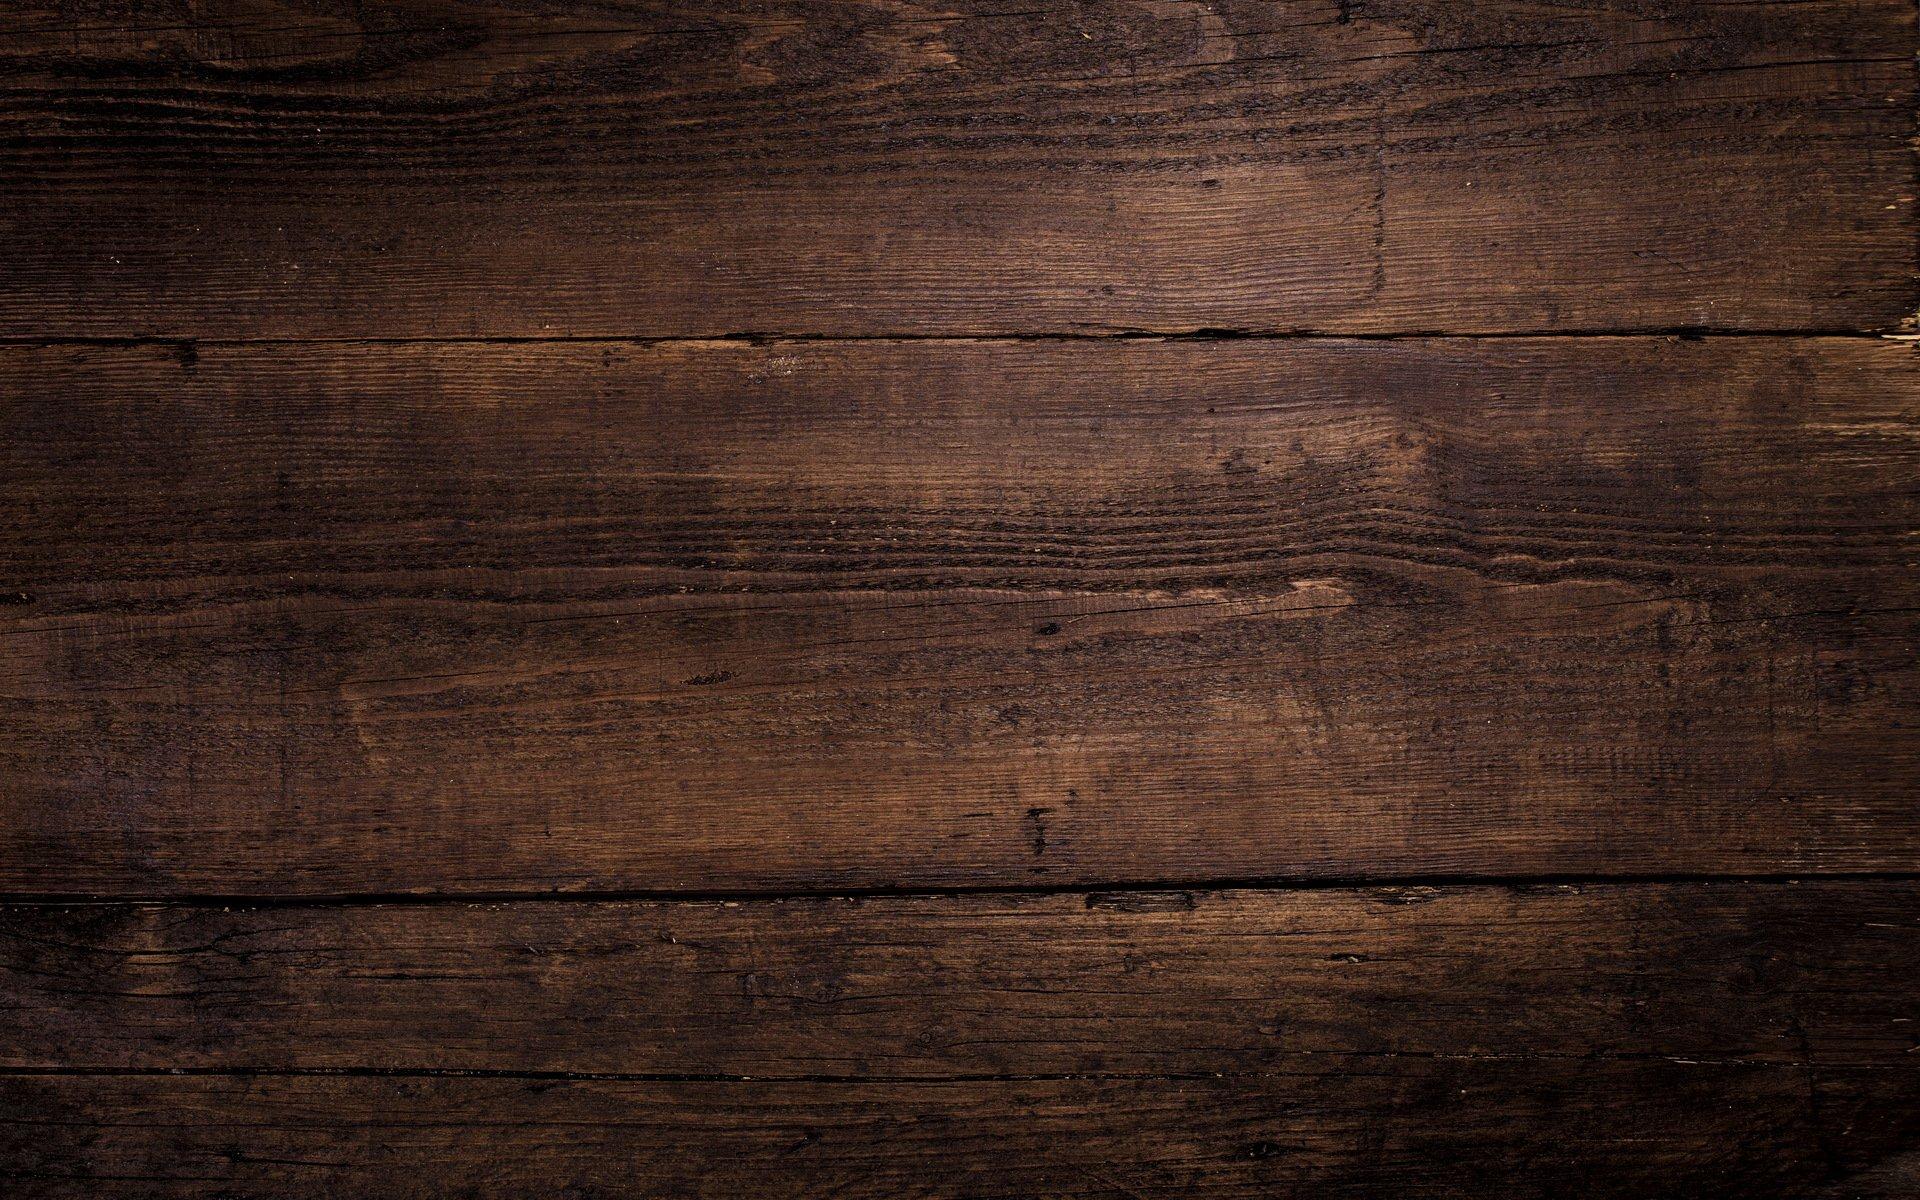 Потертое стена коричневая бесплатно